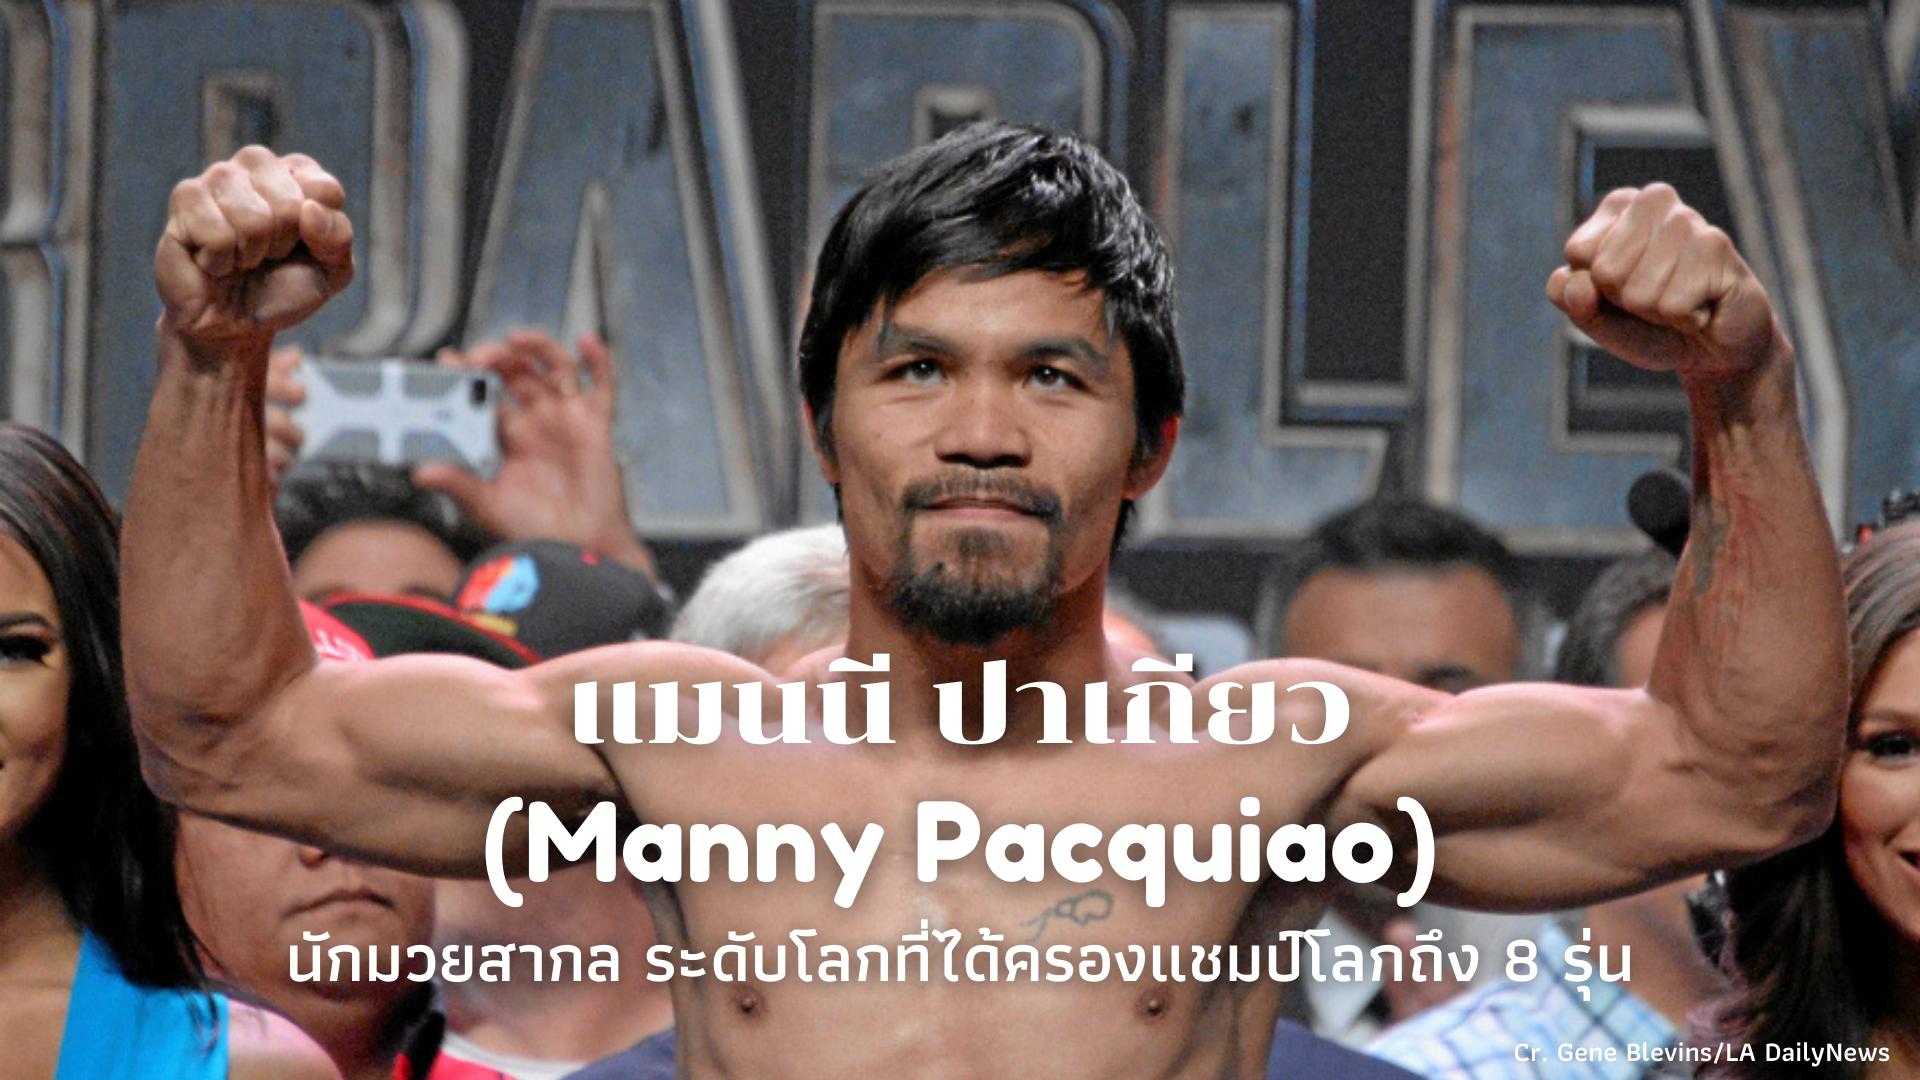 ประวัติ แมนนี ปาเกียว (Manny Pacquiao)